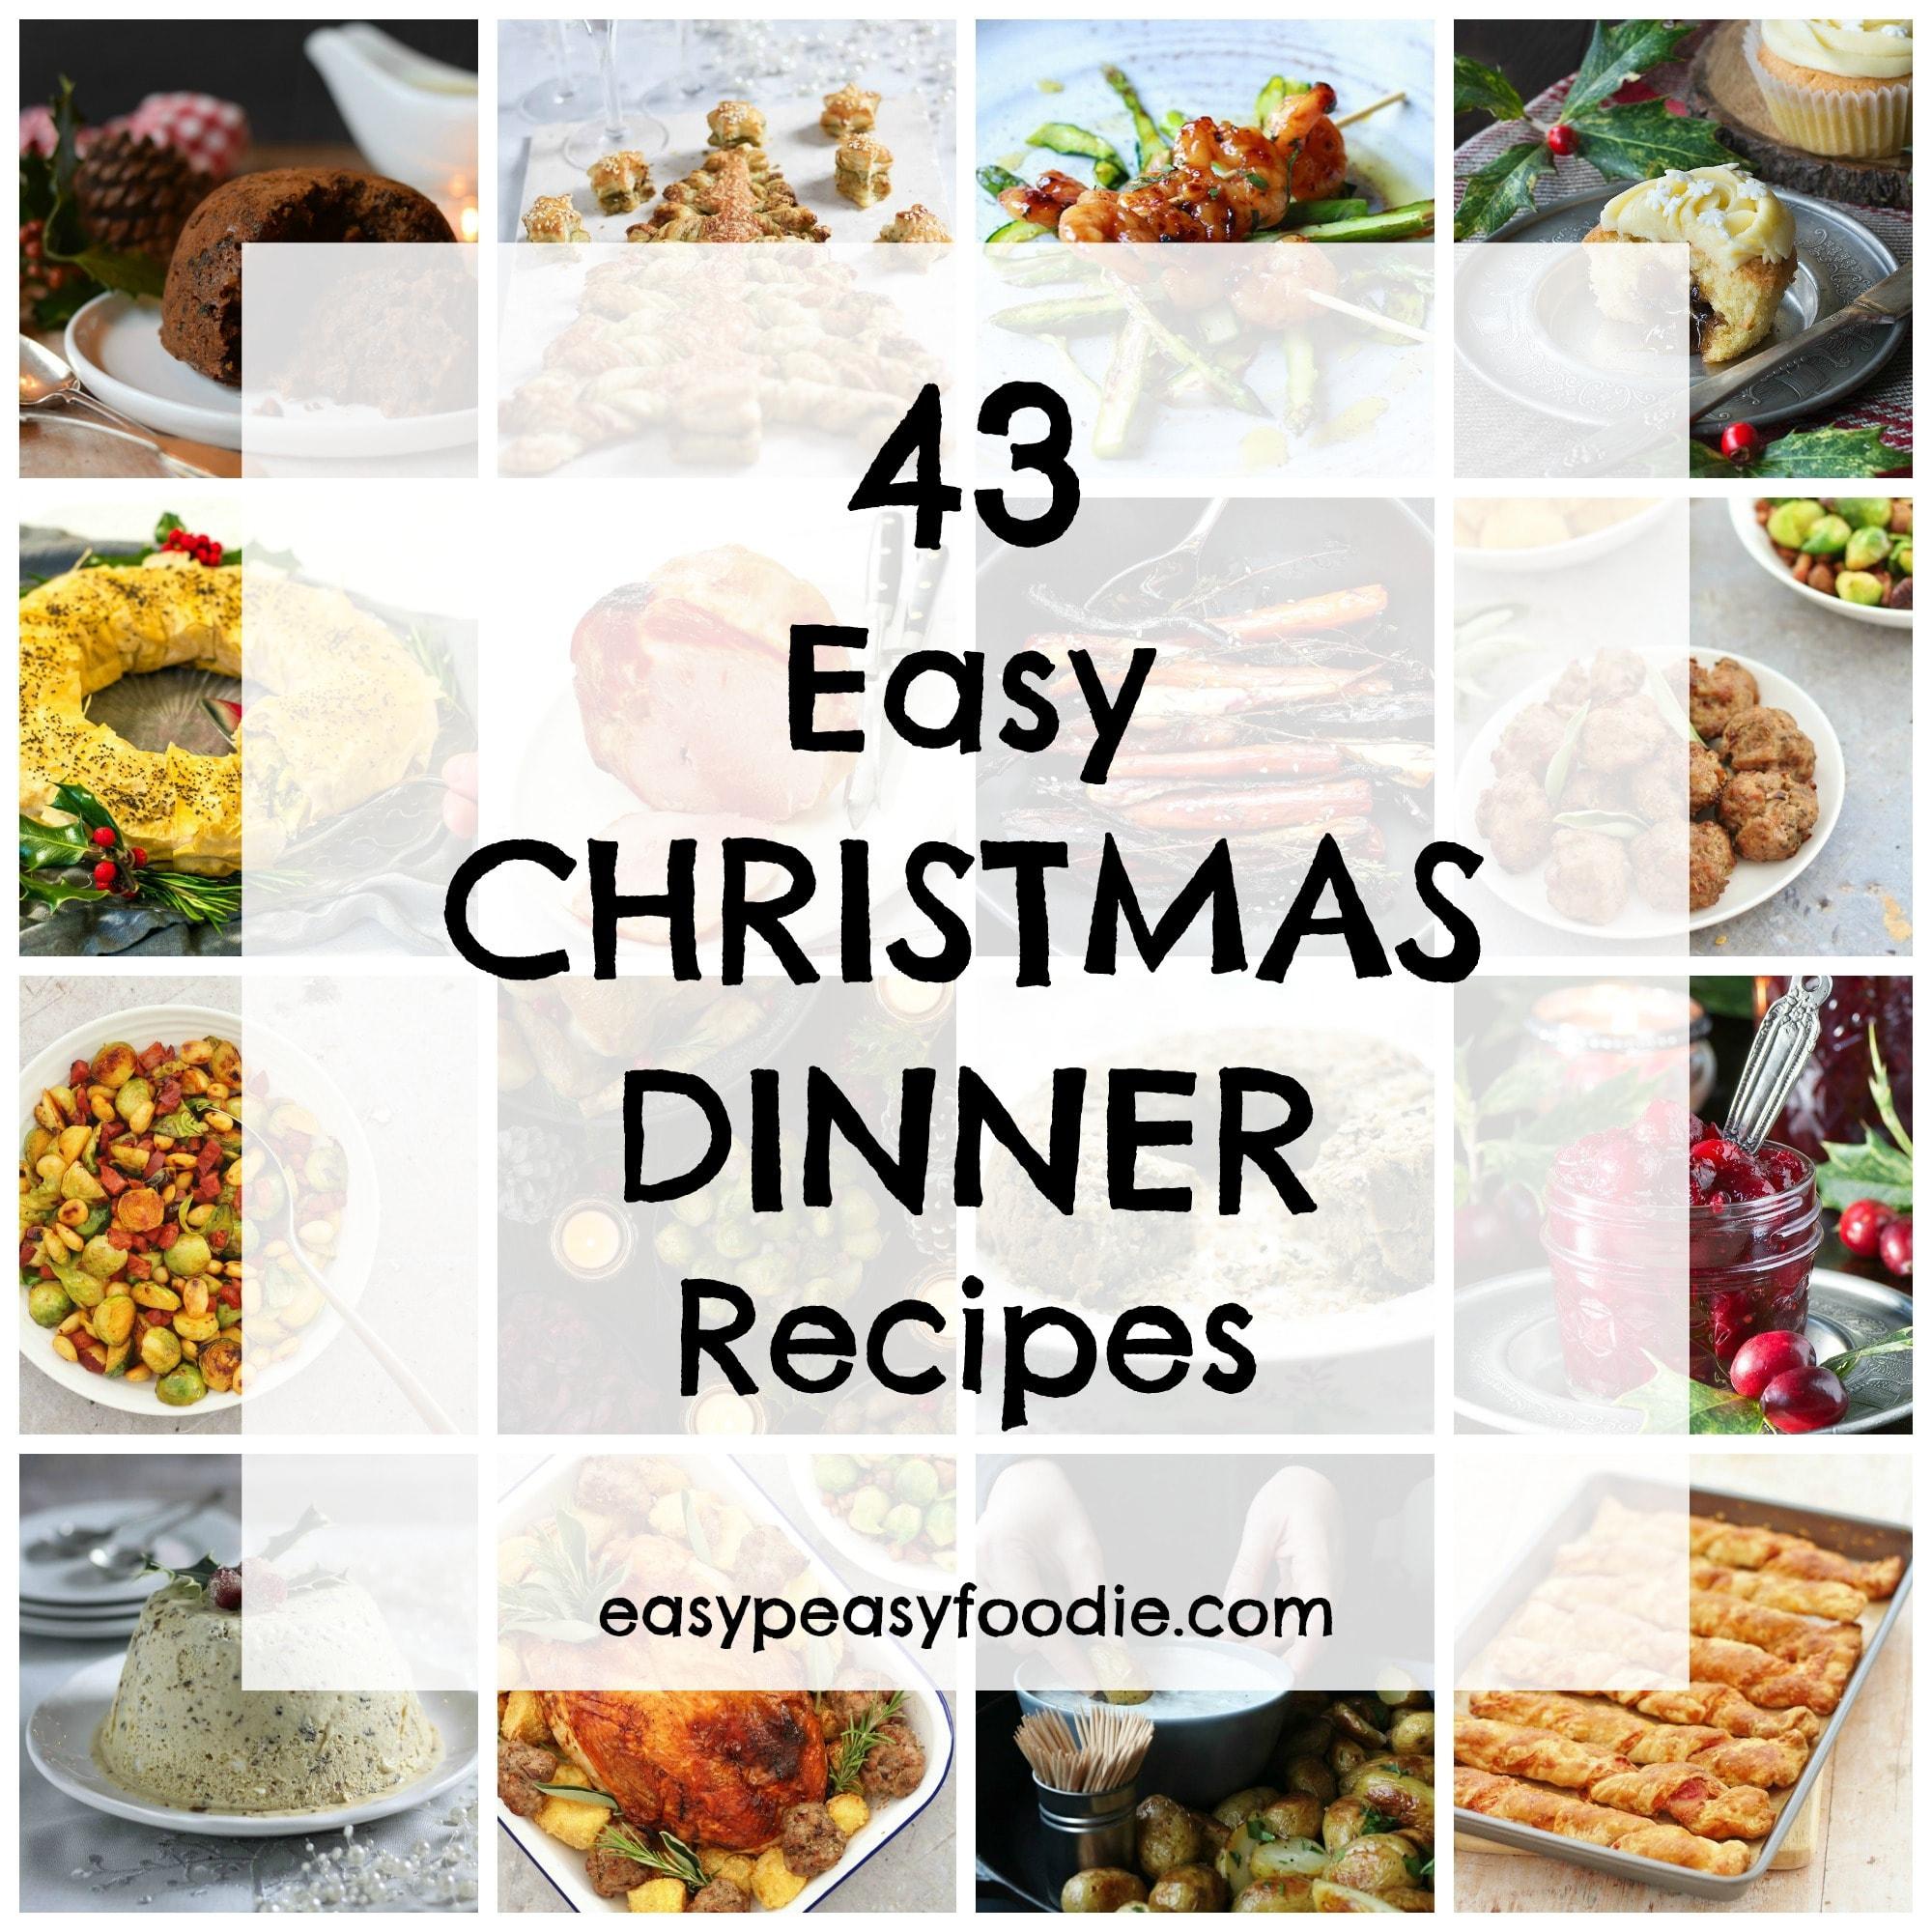 43 easy christmas dinner recipes easy peasy foodie forumfinder Gallery